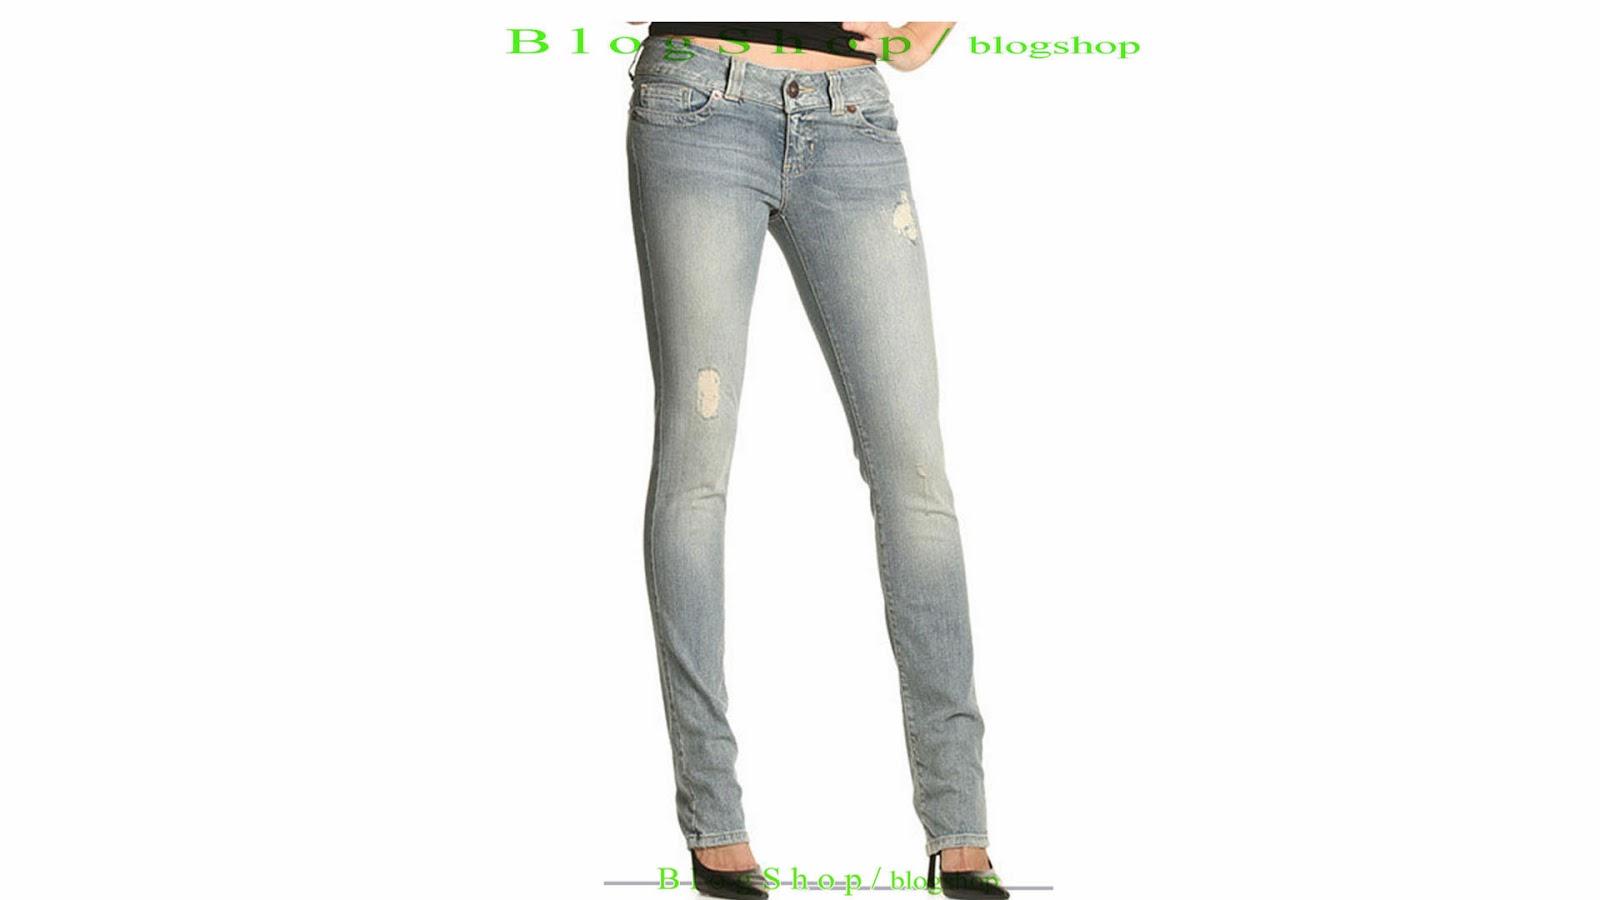 12 a l f a b l o g s h o p   Εμπόριο Ενδυμάτων   Γυναικείο Παντελόνι Τζίν  (0032) 8b005658d93